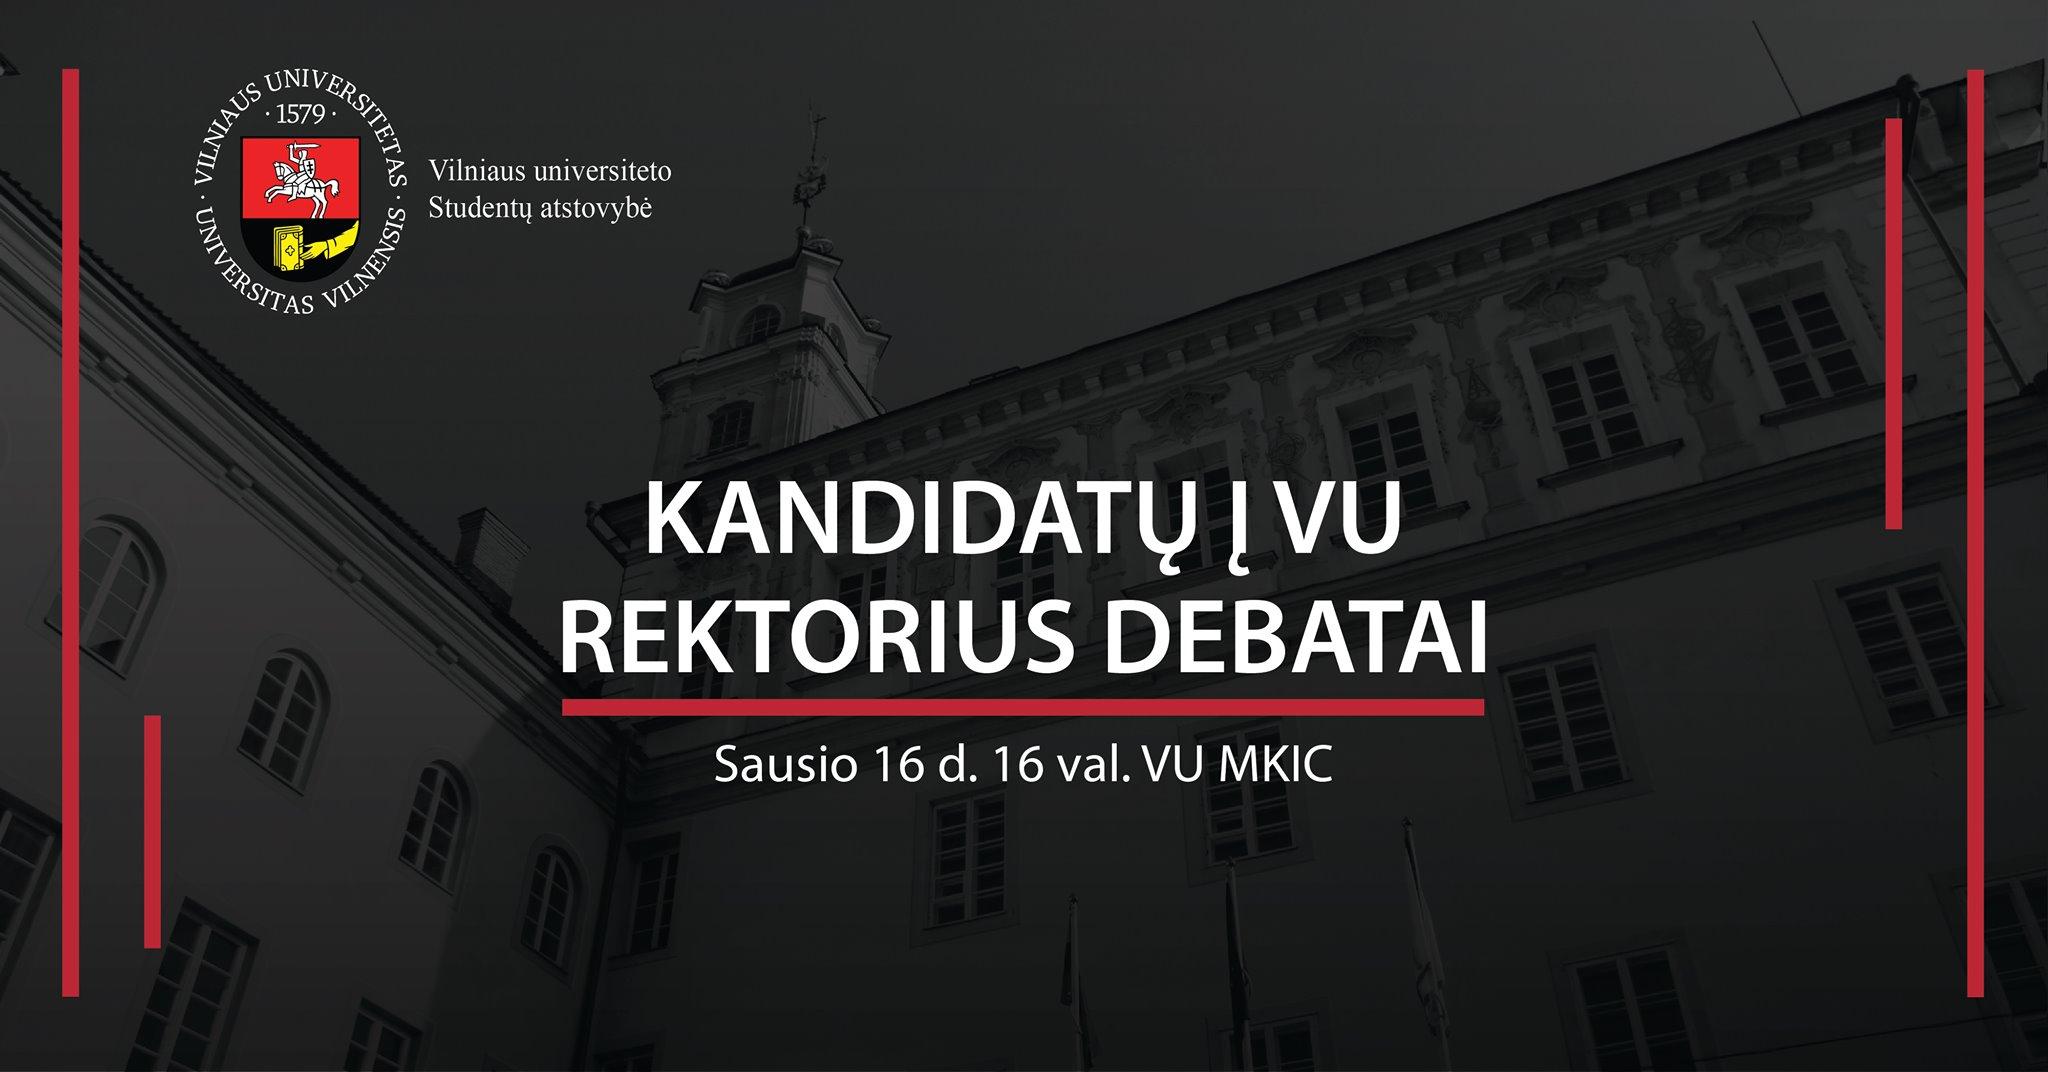 Kandidatų į VU rektorius debatai